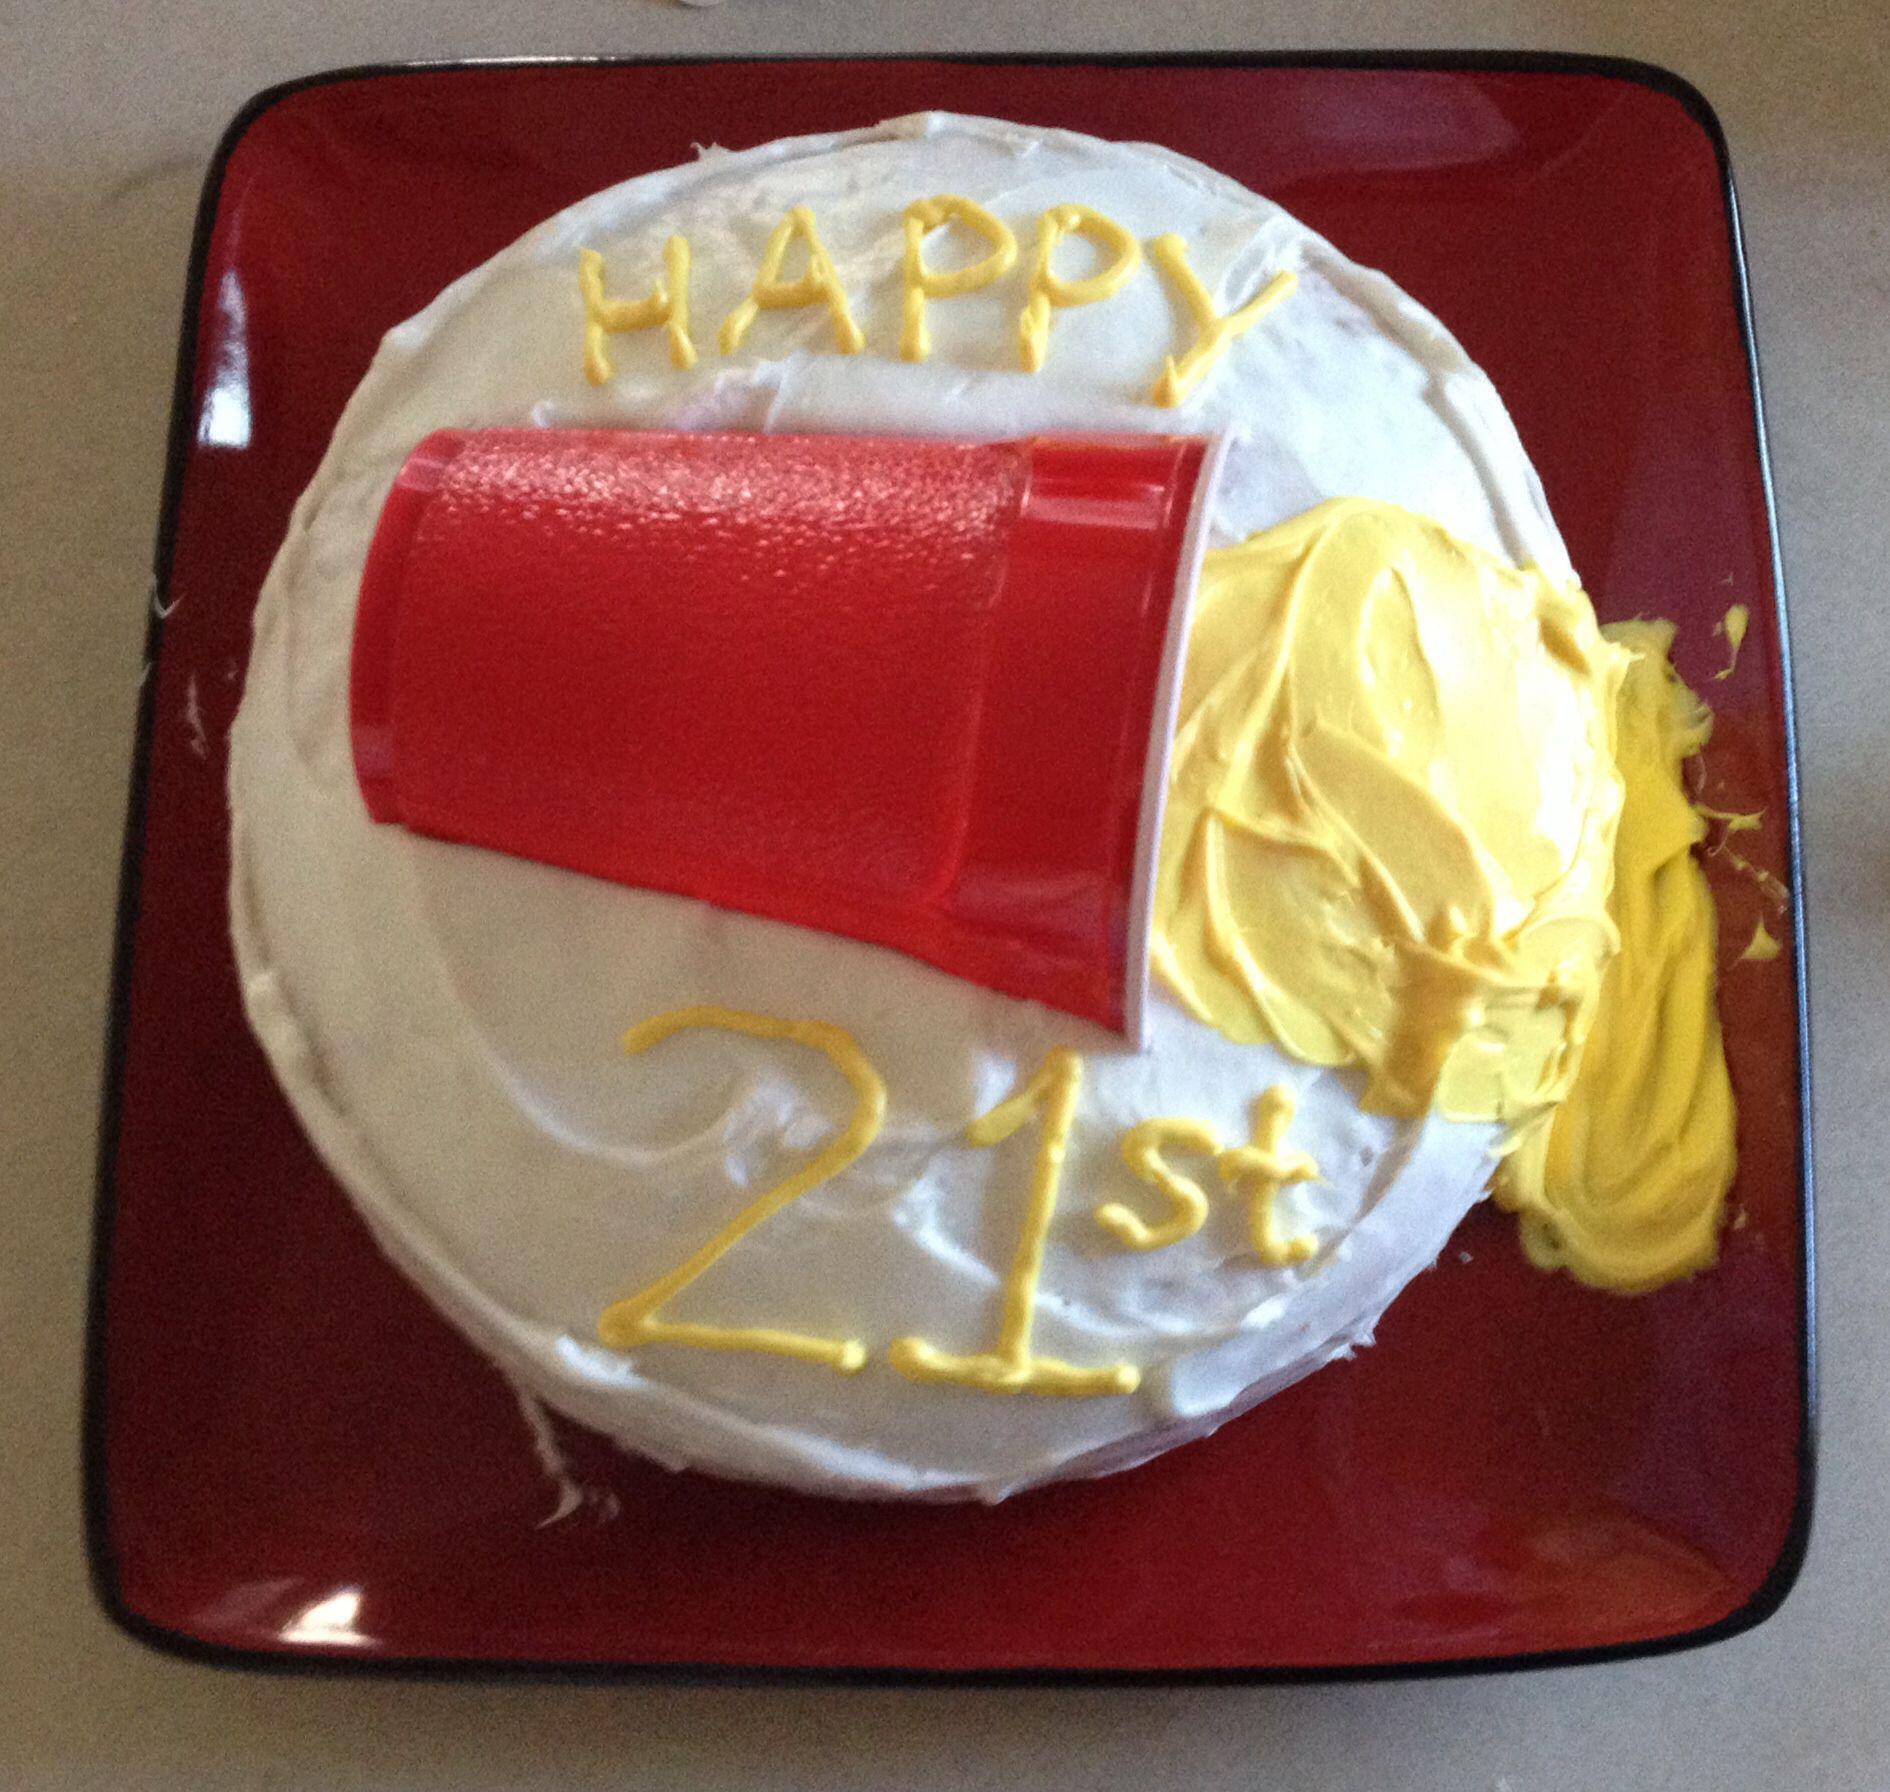 21st Birthday Cake 21rst Bday Mick 21st Birthday Cakes